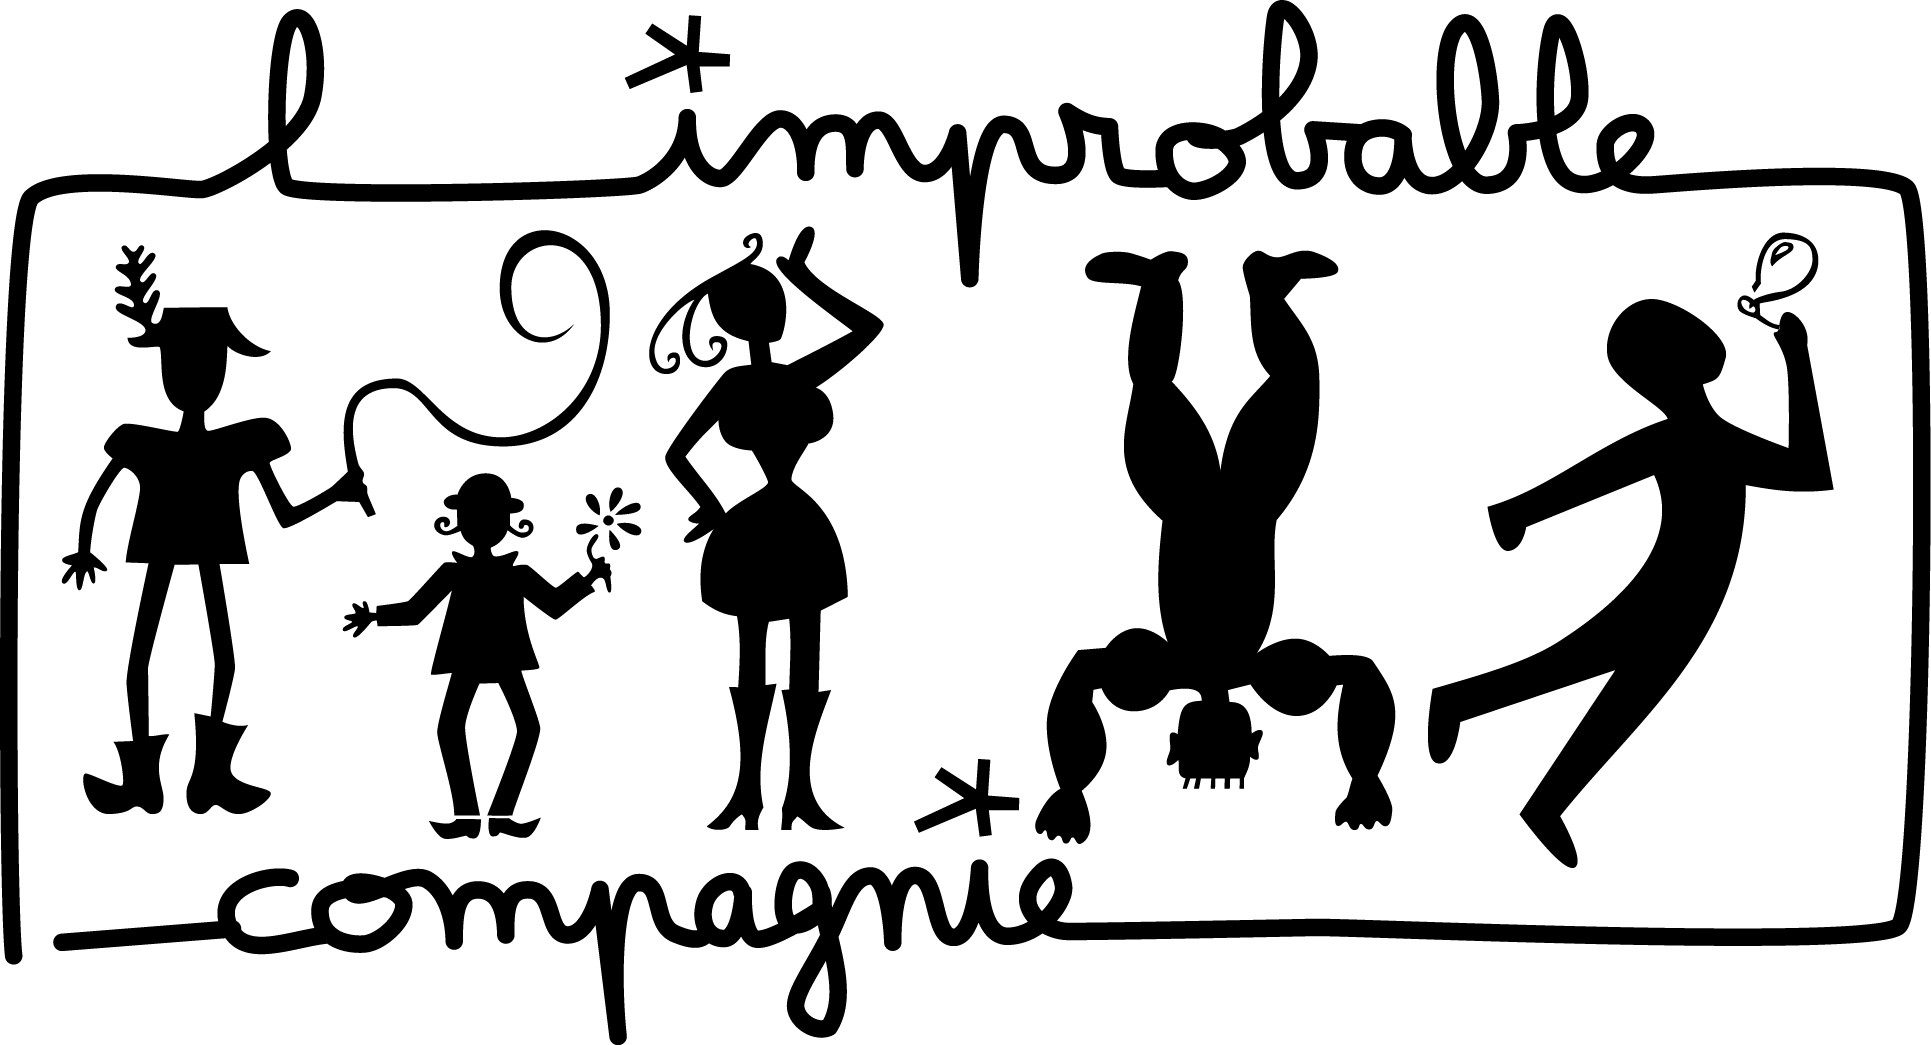 Logo de l'improbable compagnie, version rectangulaire